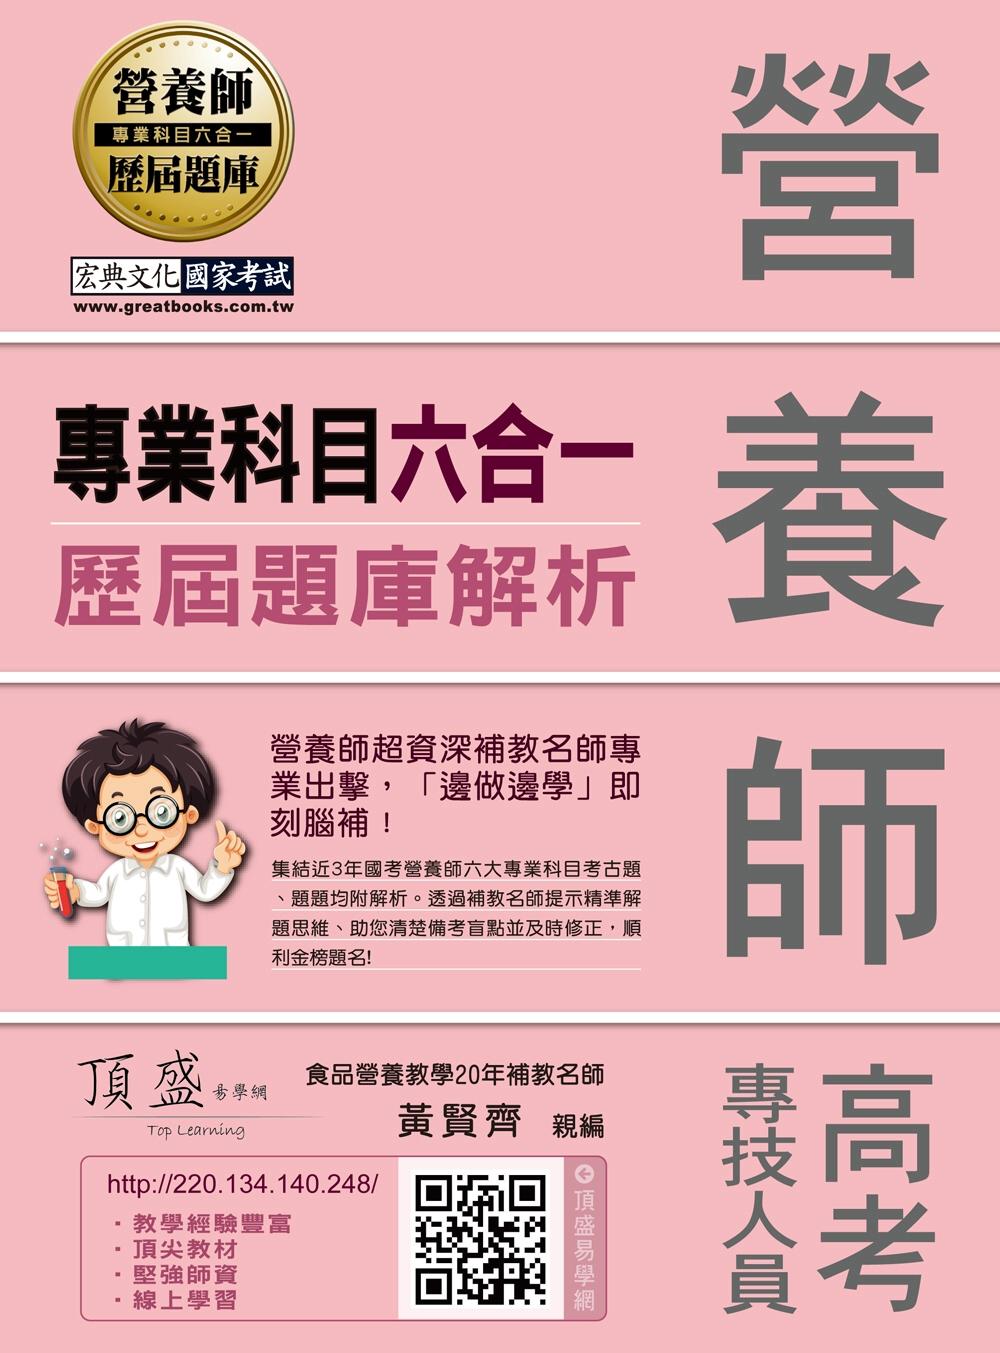 食品營養證照名師黃賢齊親編:營養師歷屆題庫解析(專業科目六合一)